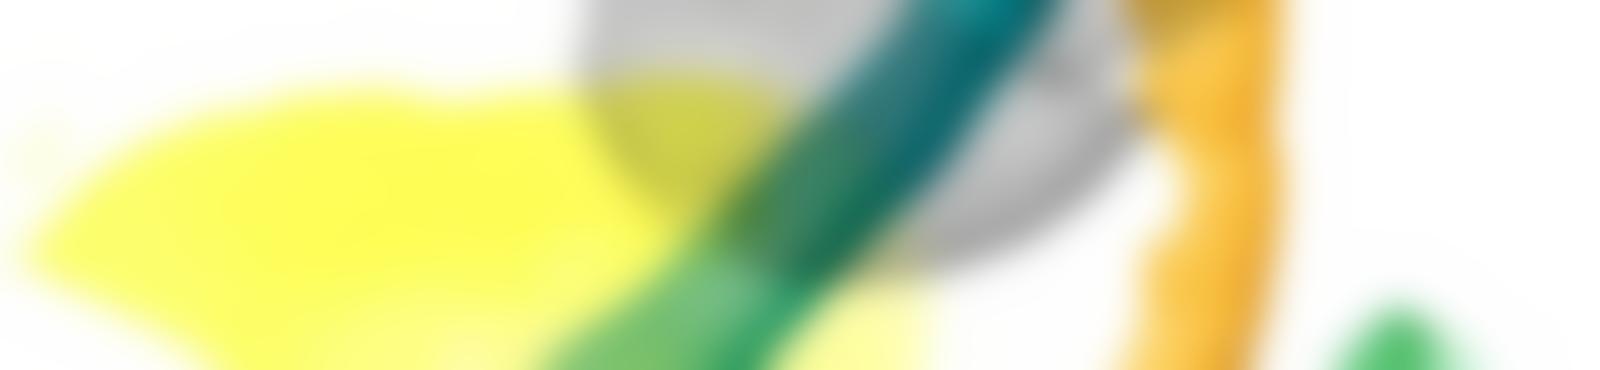 Blurred eb11b796 53f0 4dd3 89bd 72e1ffd45641